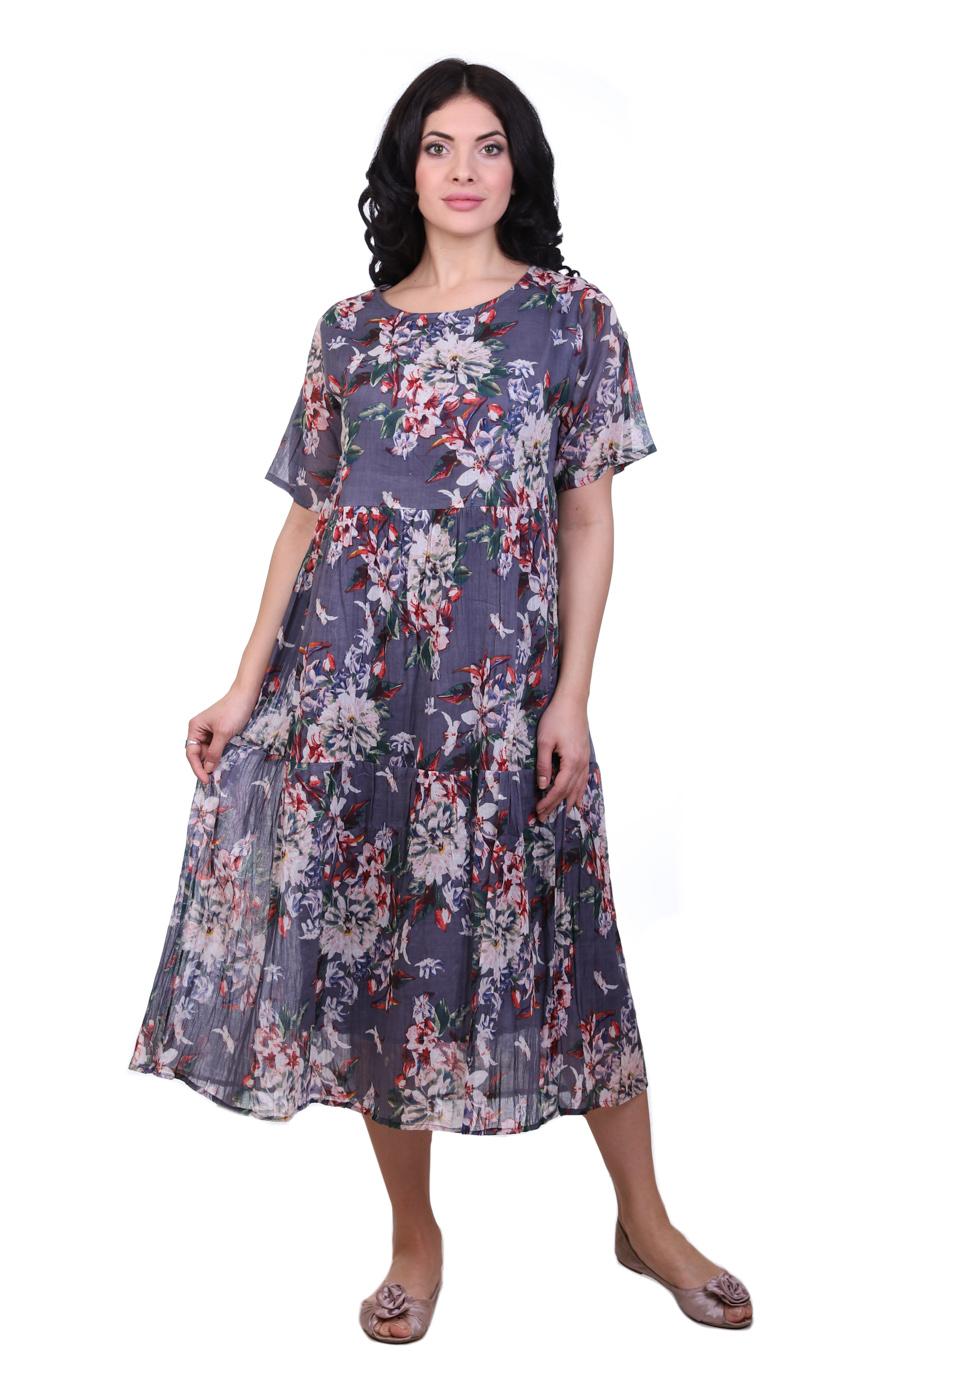 Платье Merv Цвет: Серый, Мультиколор (50) фото